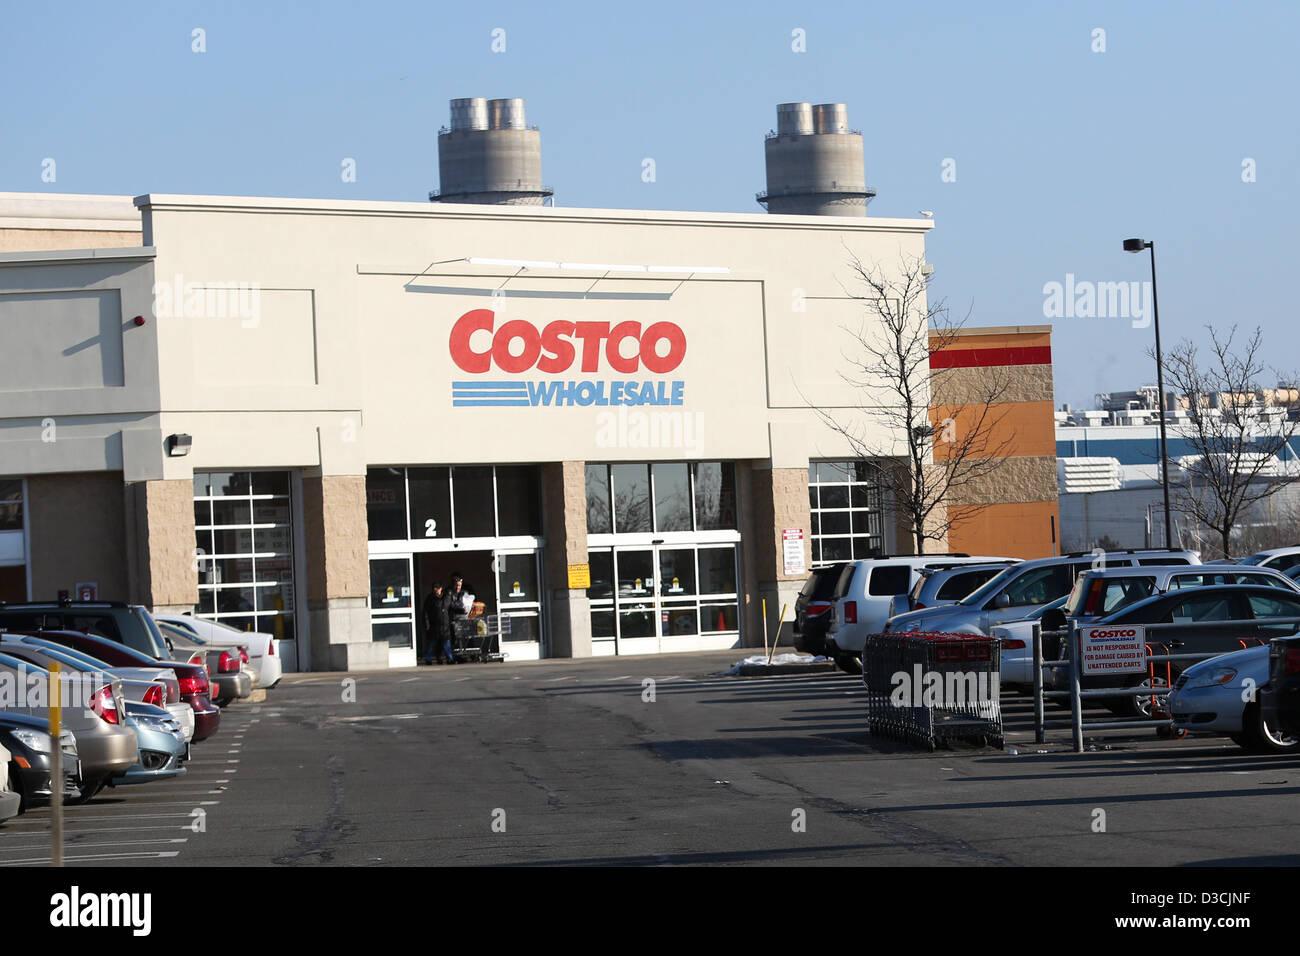 costco whole corporation stock photos costco whole 15 2013 everett massachusetts u s the costco in everett